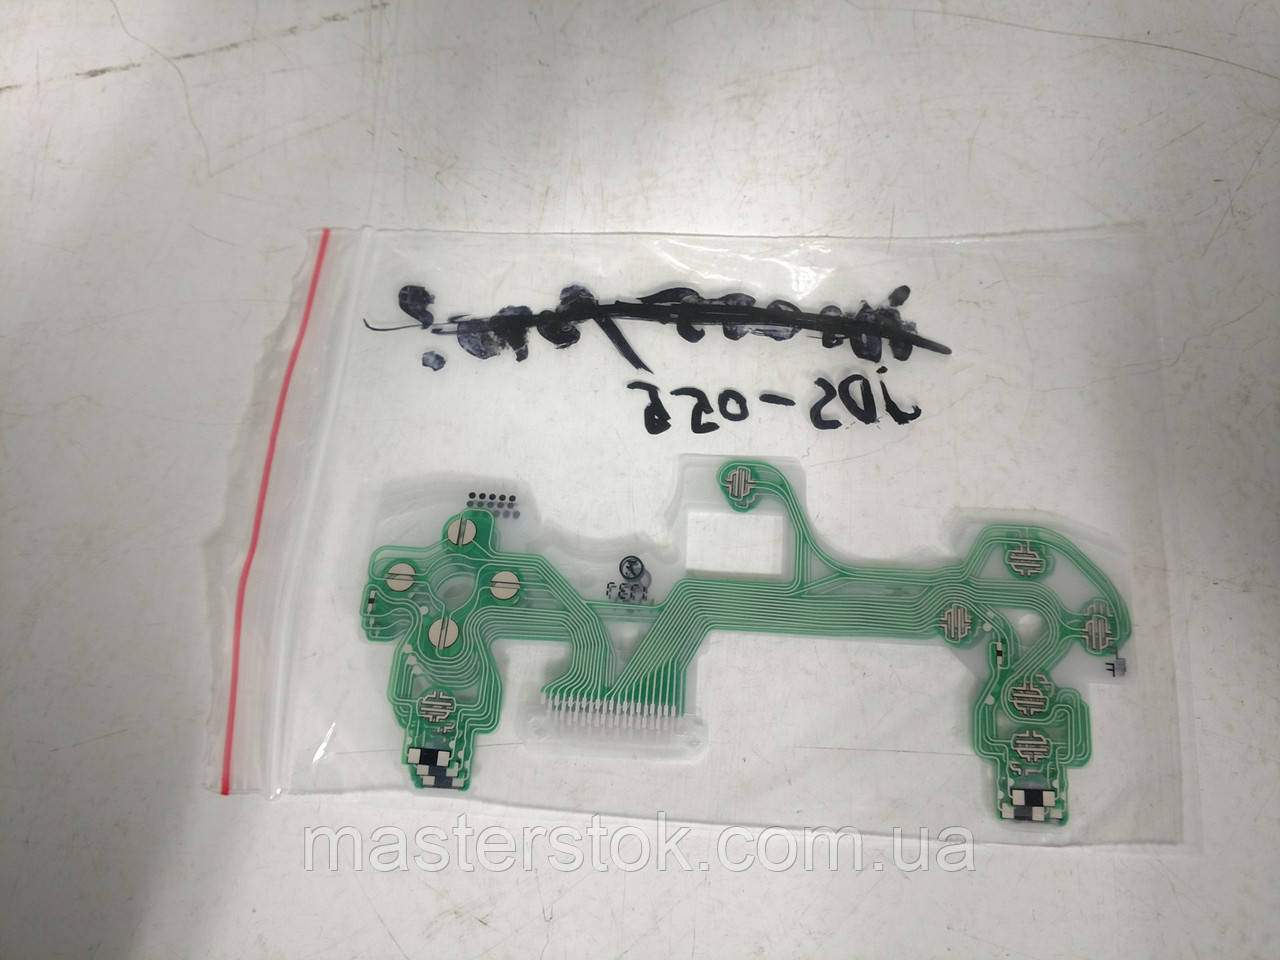 Контактный шлейф для геймпада(джойстика) Dualshock 4 (Оригинал) (JDM/J 2